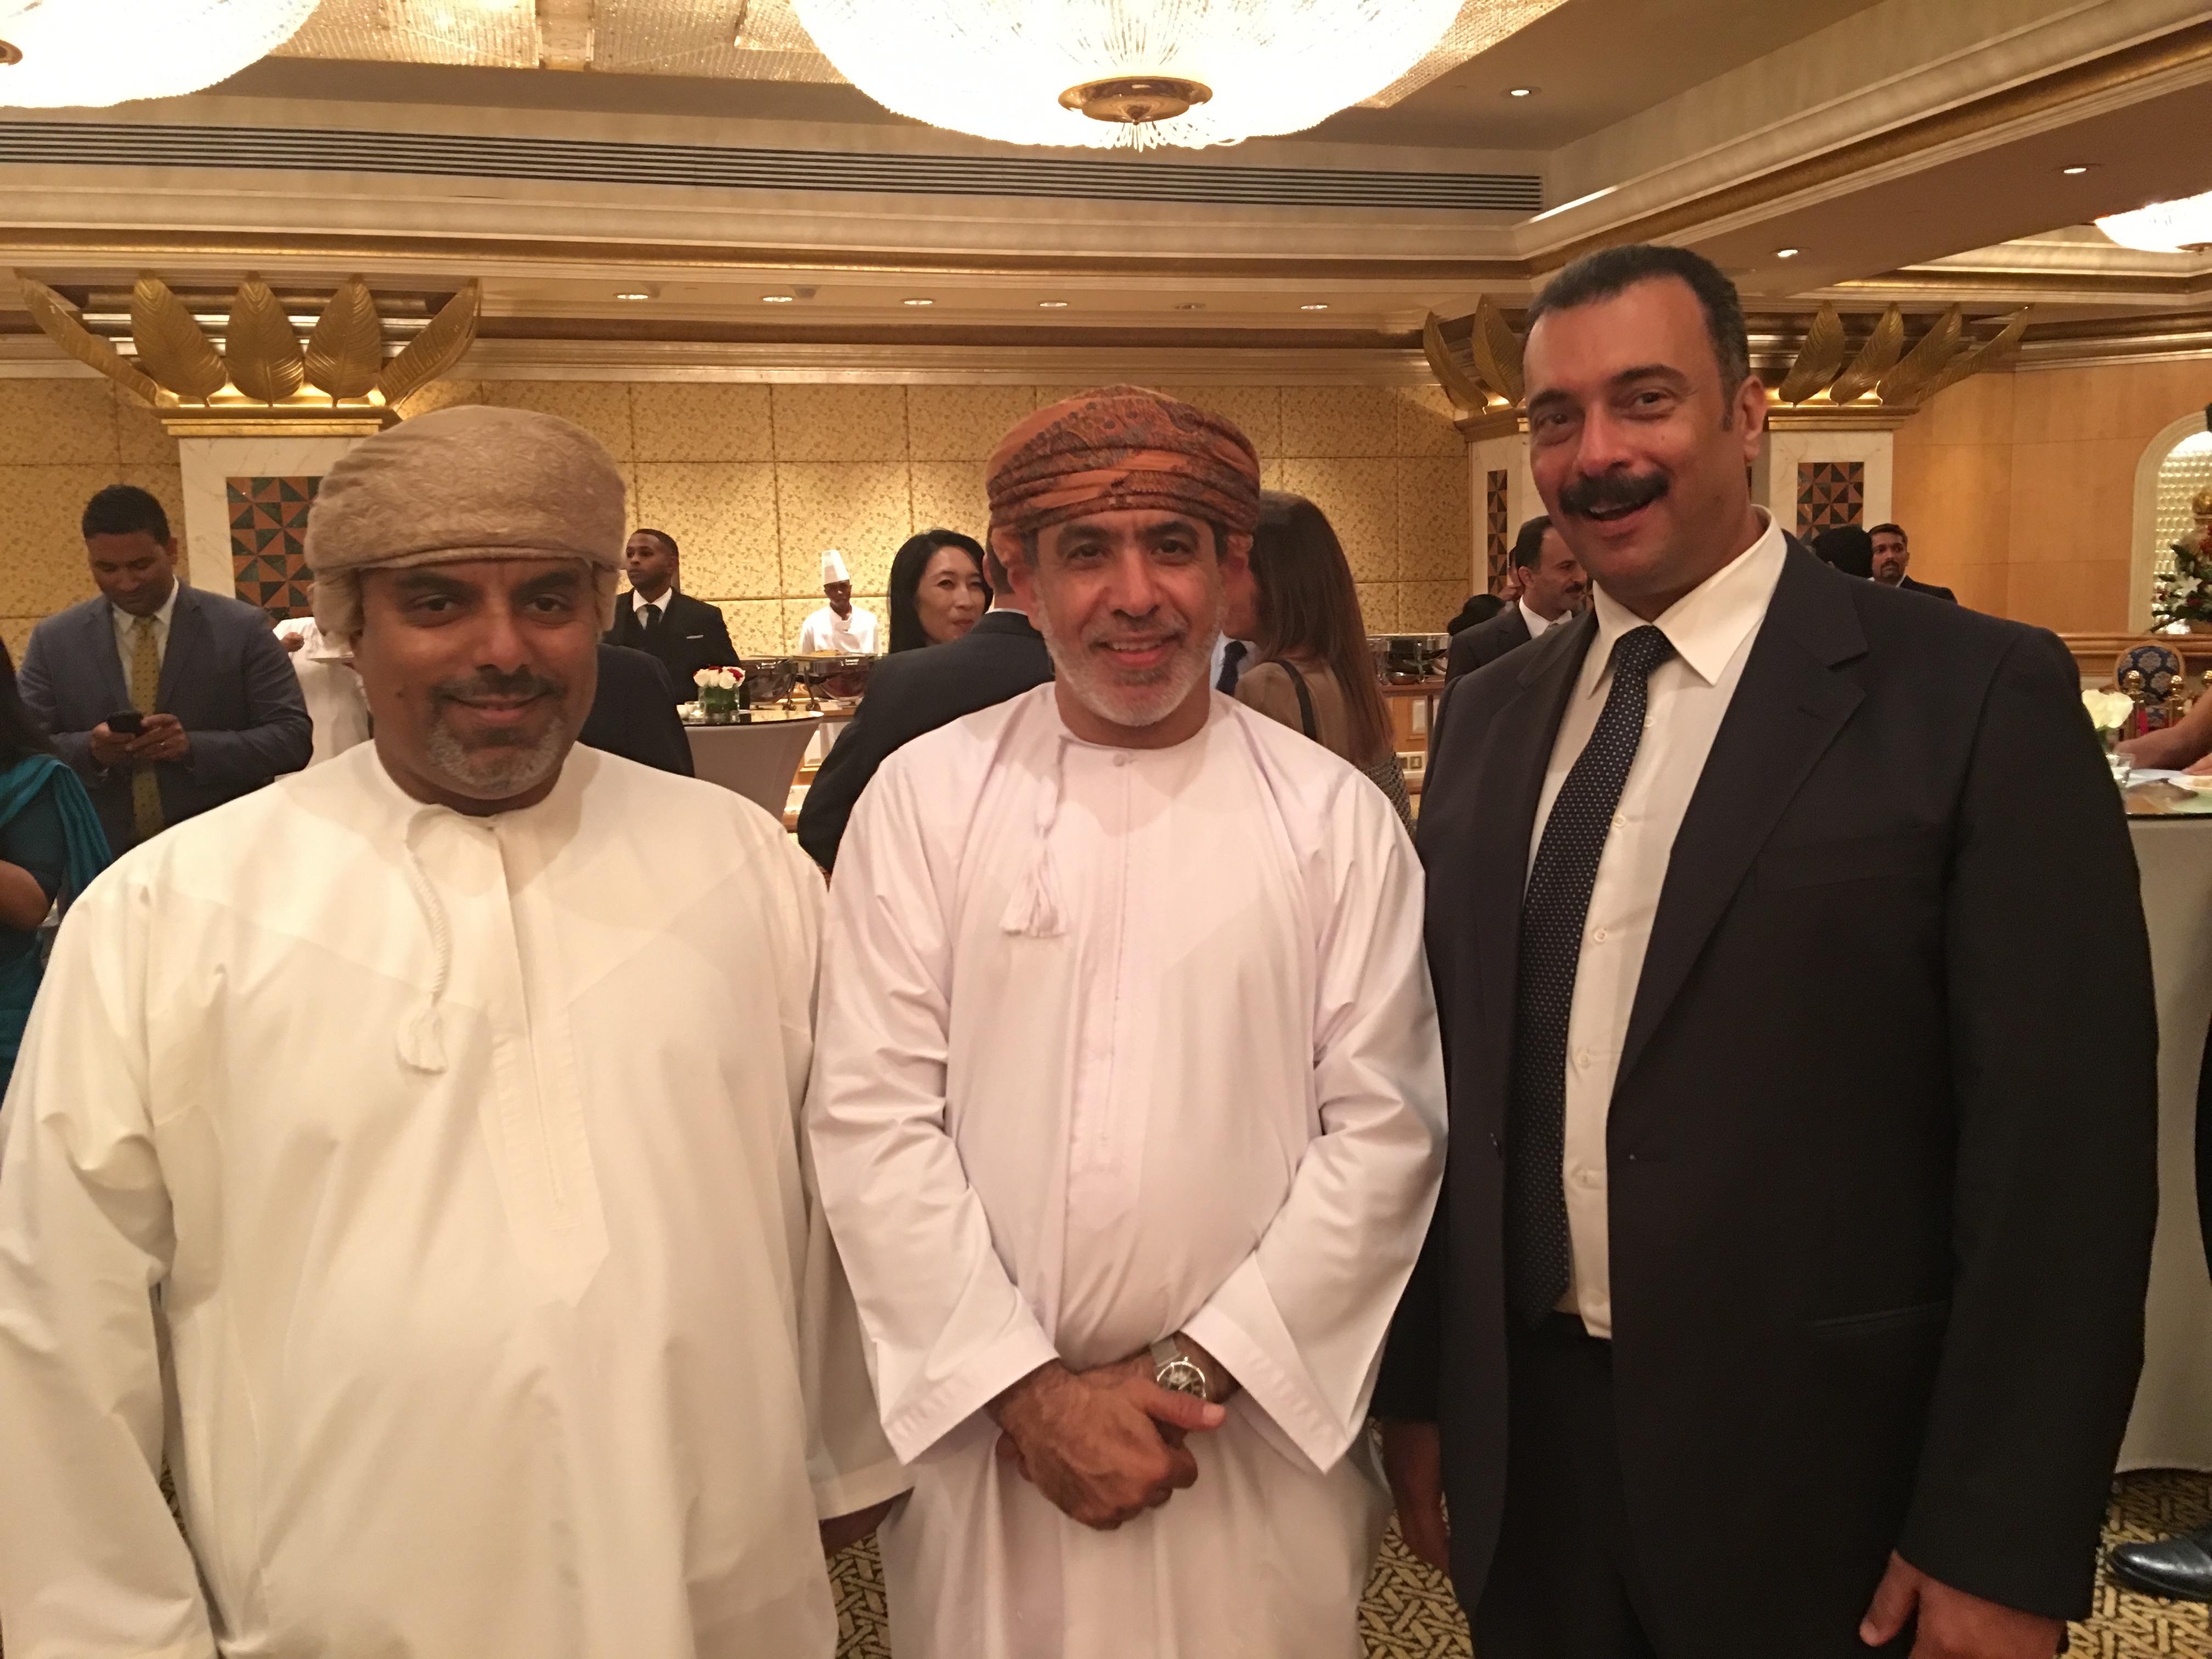 سفارة دولة الإمارات في مسقط تحتفل بالعيد الوطني لبلادها